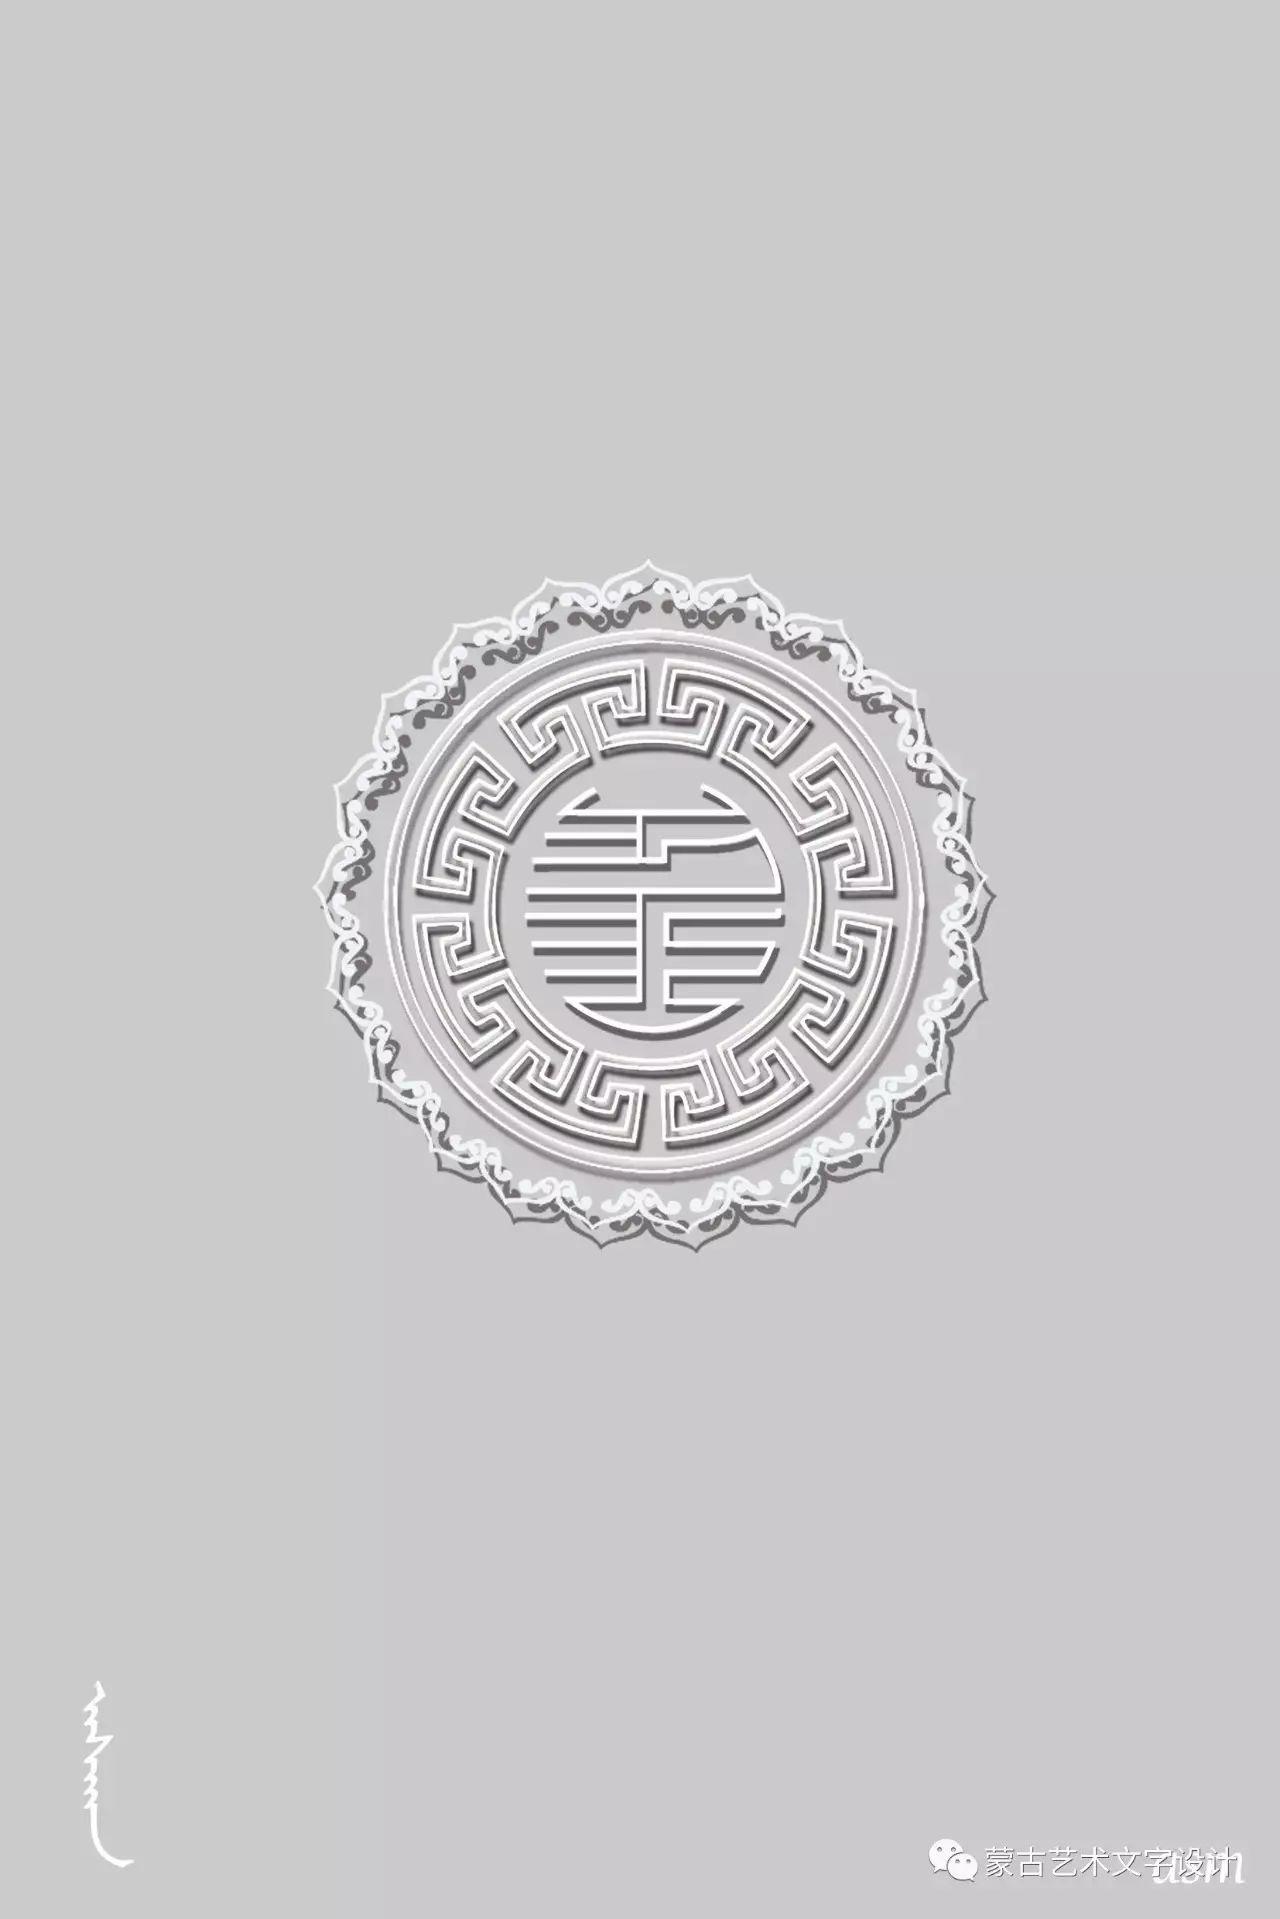 蒙古艺术文字设计 第21张